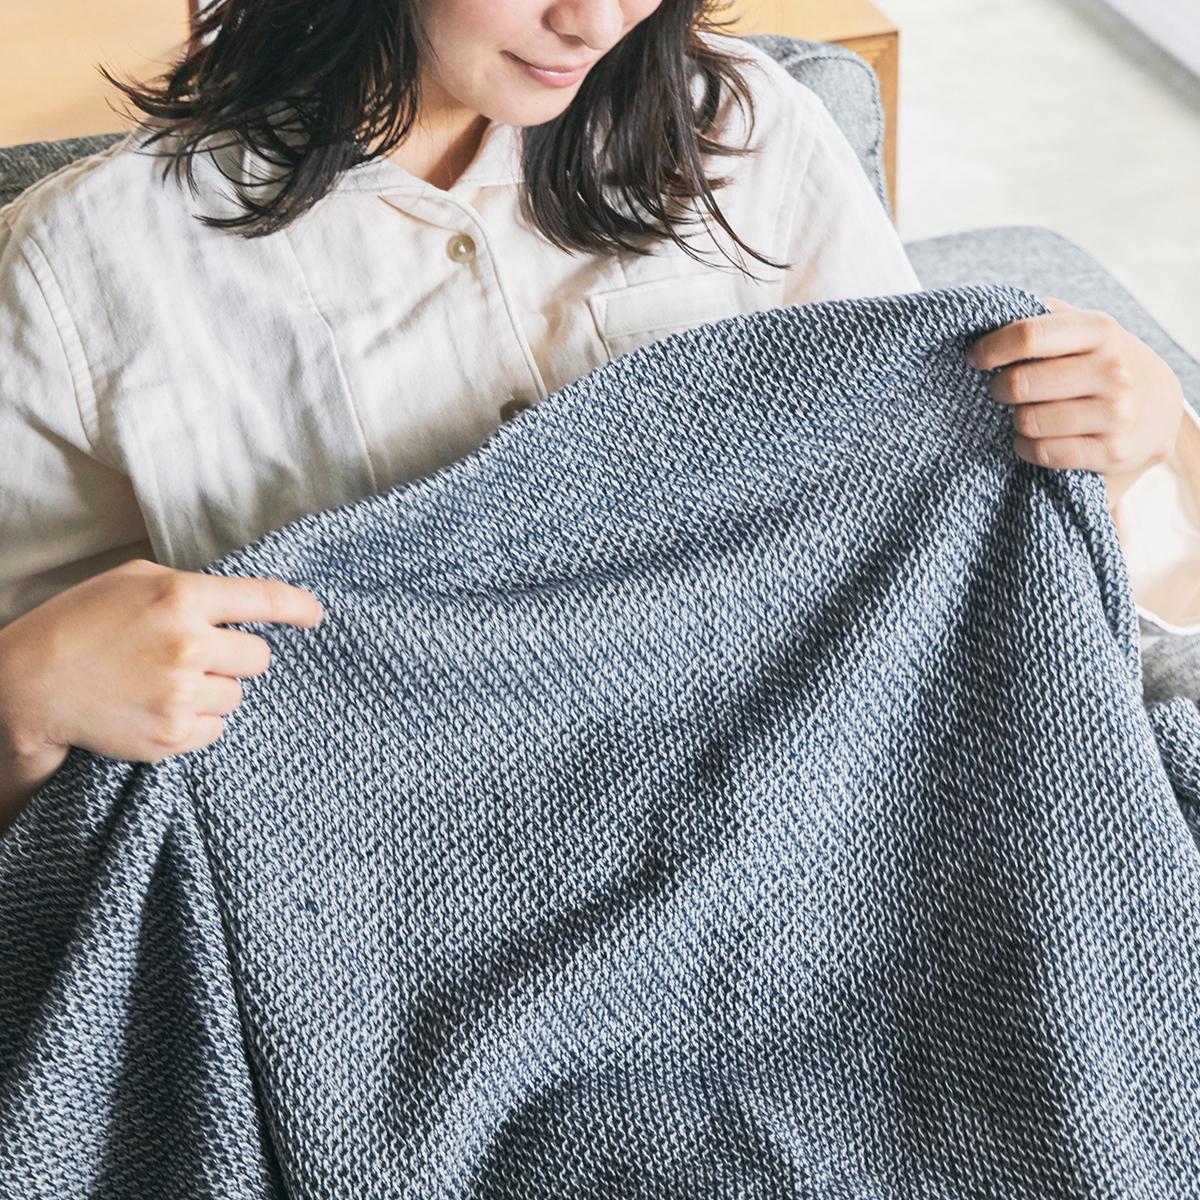 「熟睡」を追求したタオルケット   凹凸状のハニカム織りが、汗と湿気を逃がす